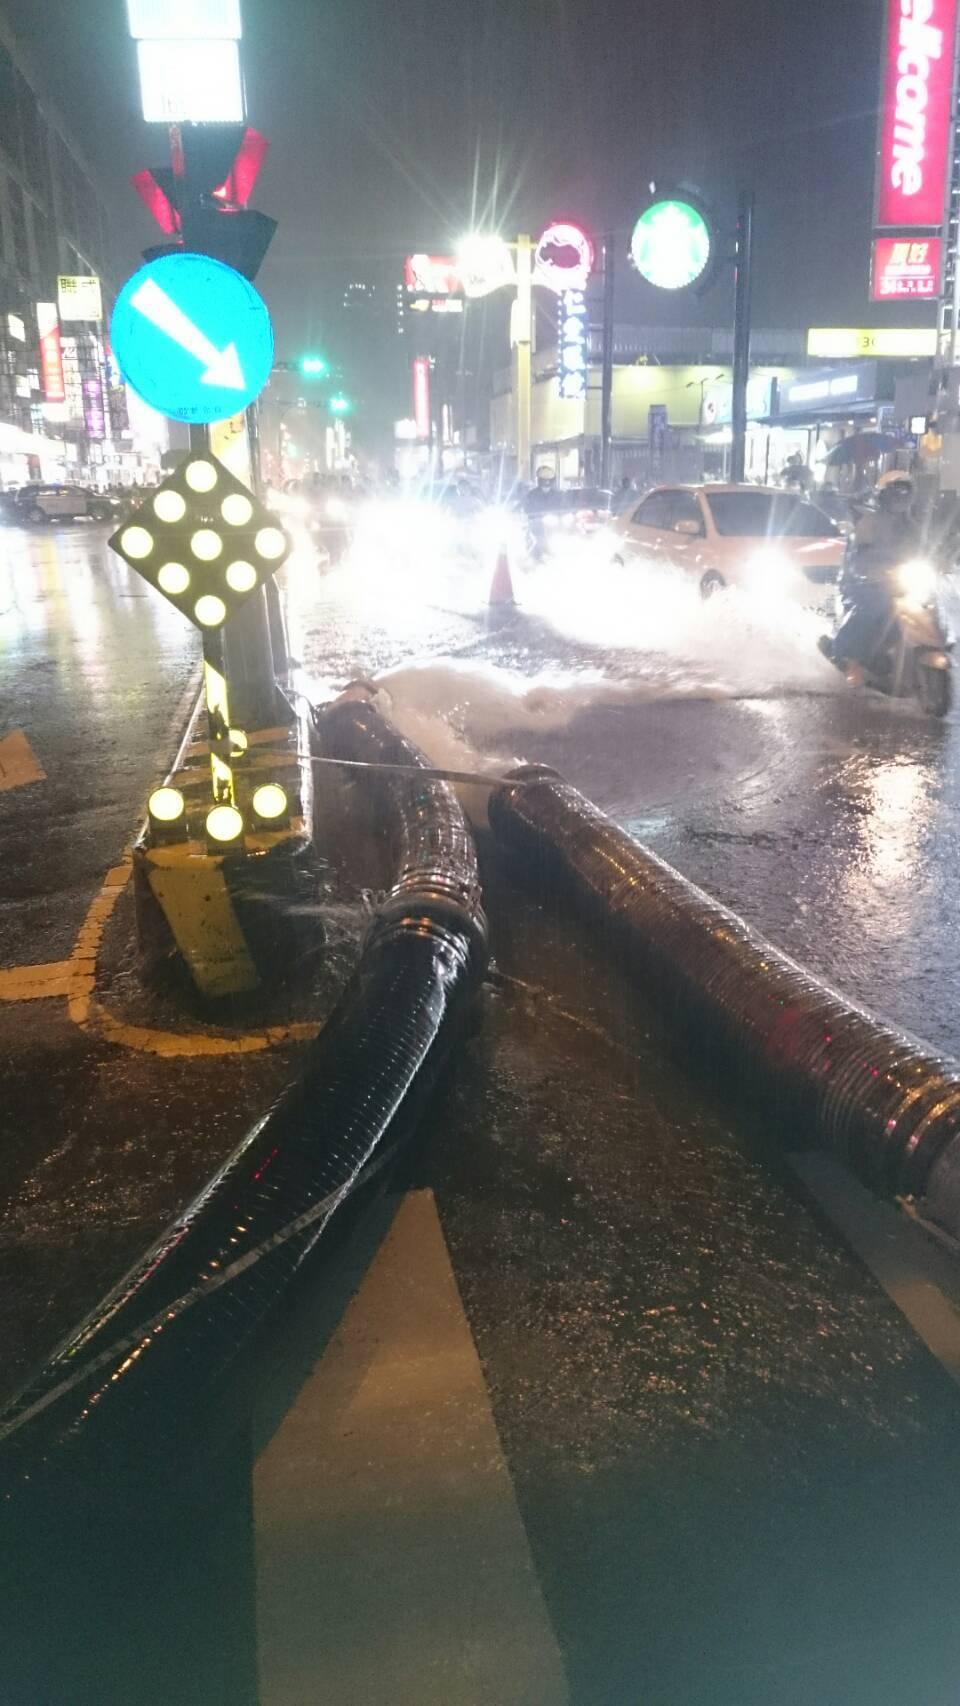 台南市永康區中華路154巷下午因急驟雨又淹水,水利局緊急啟動抽水機。圖/台南市政...